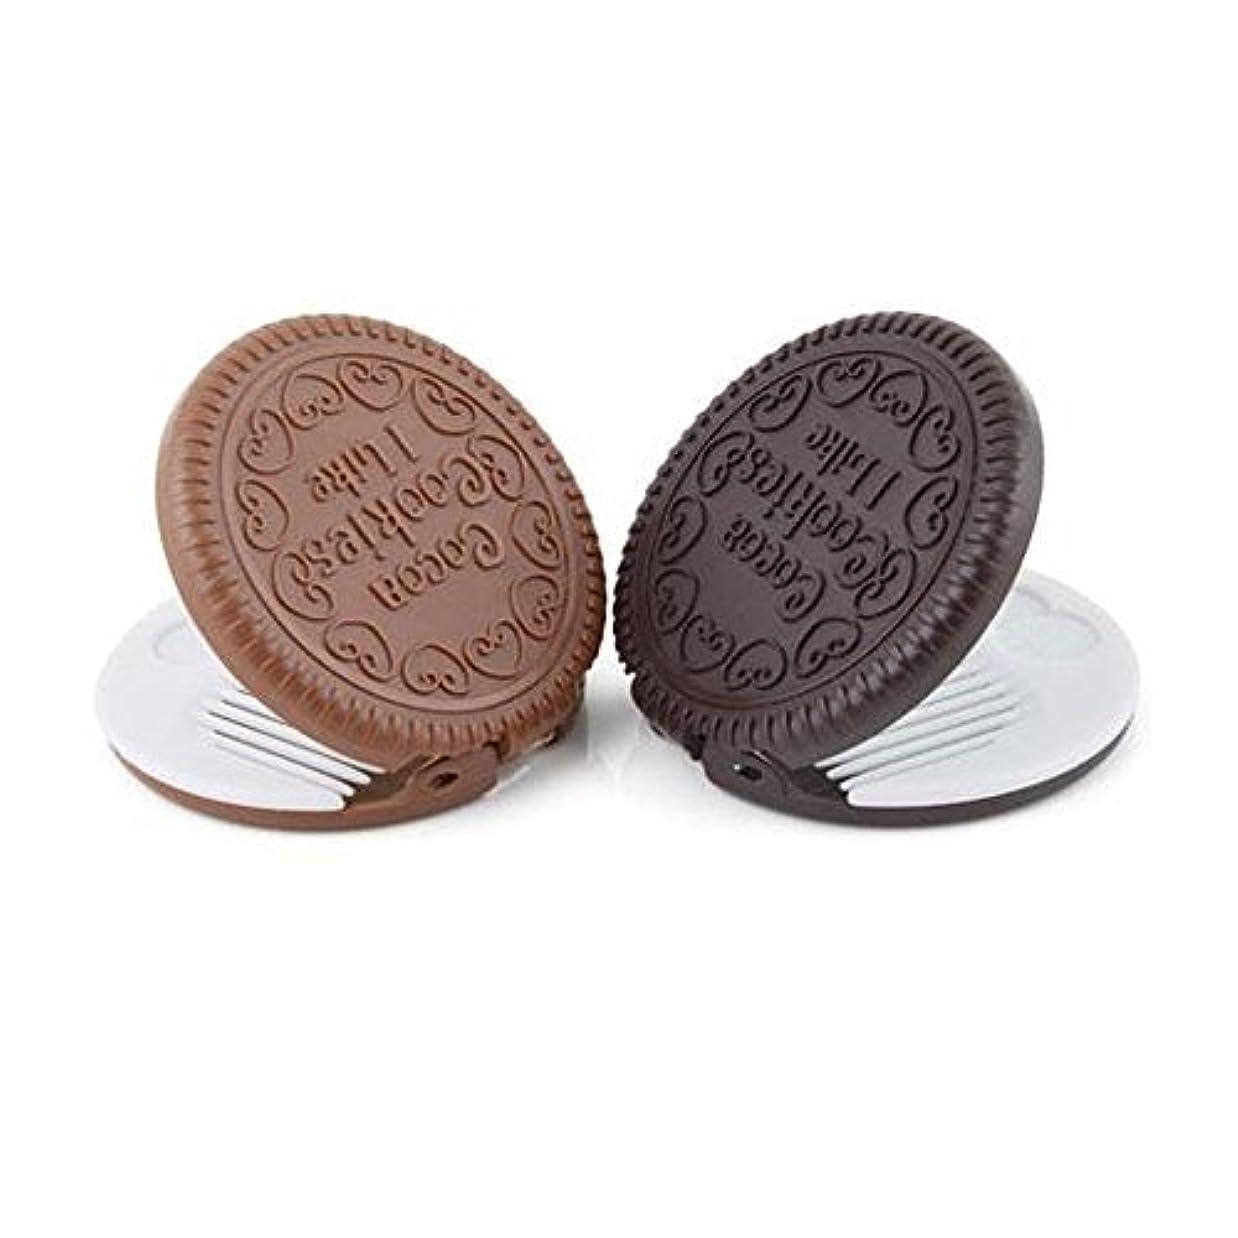 できない邪悪な十代yueton Pack of 2 Mini Pocket Chocolate Cookie Compact Mirror with Comb [並行輸入品]